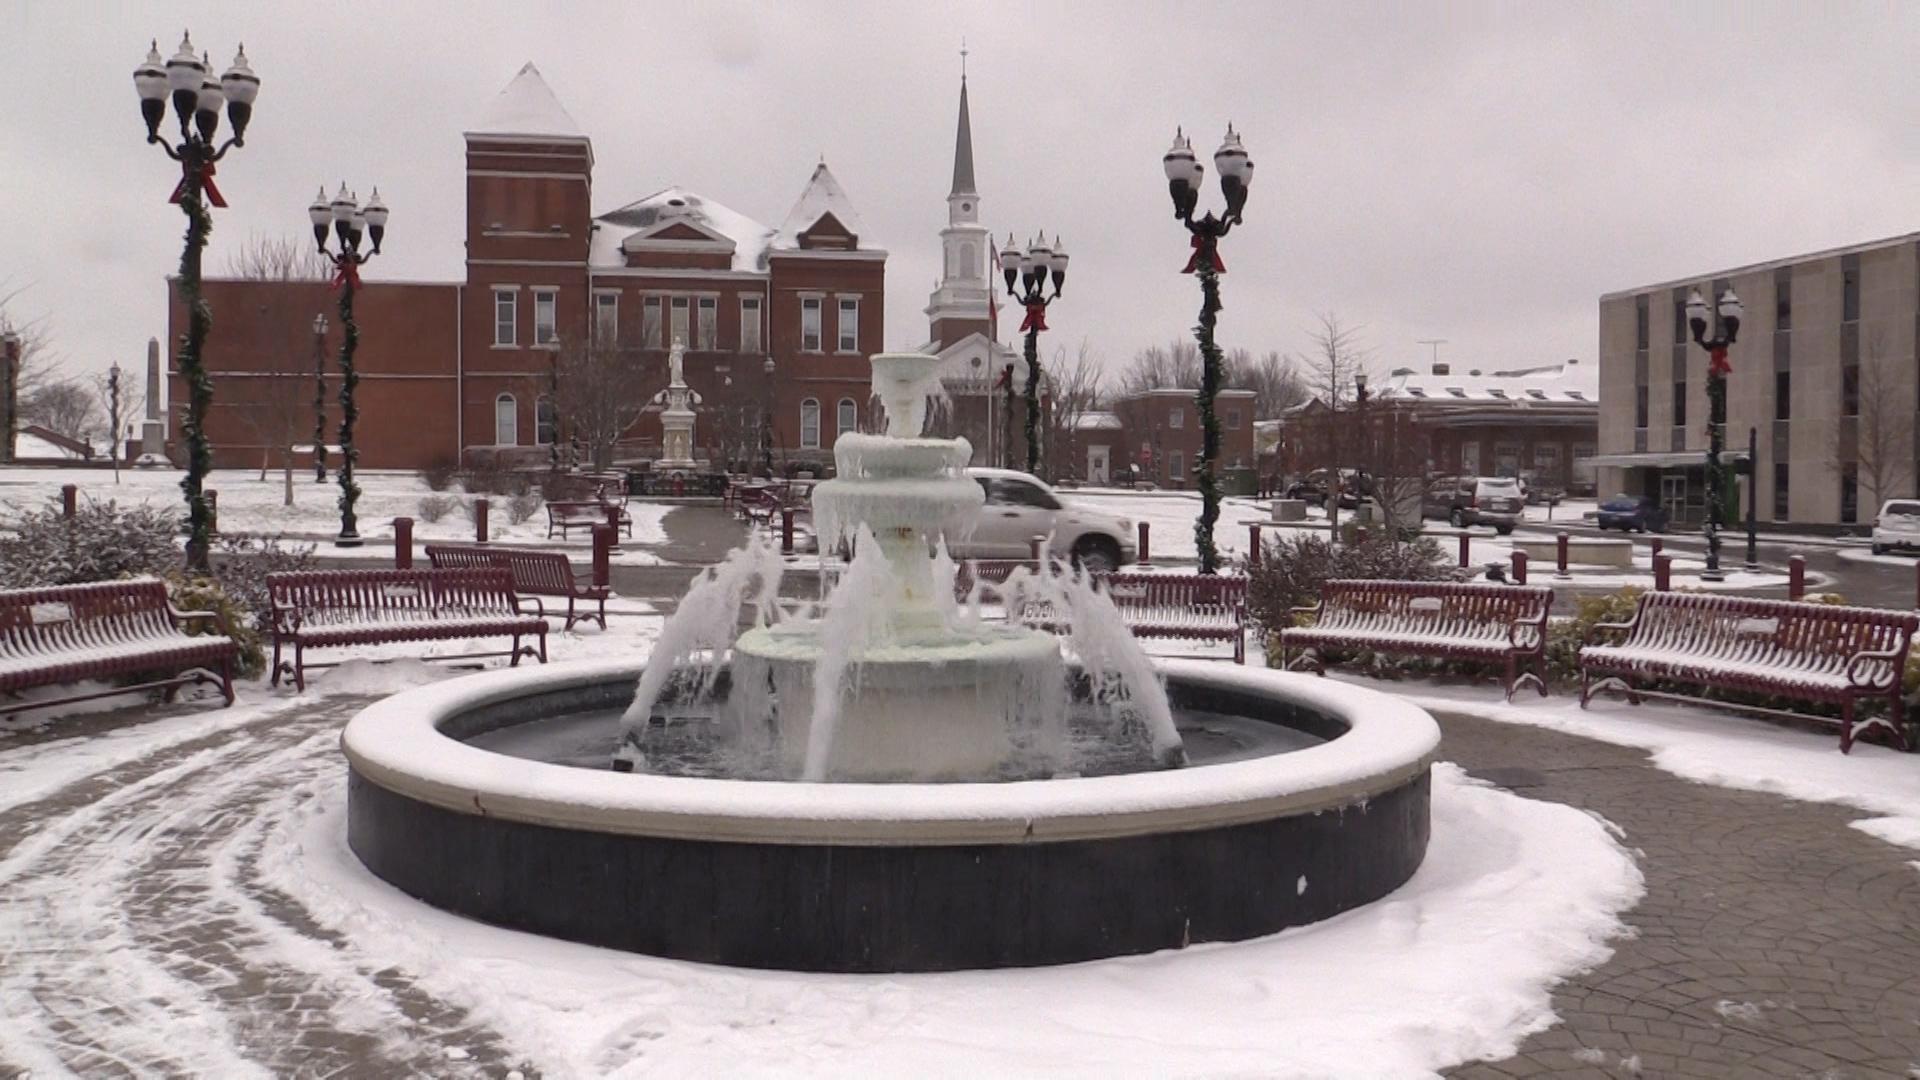 VIDEO - Snow blankets Warren County